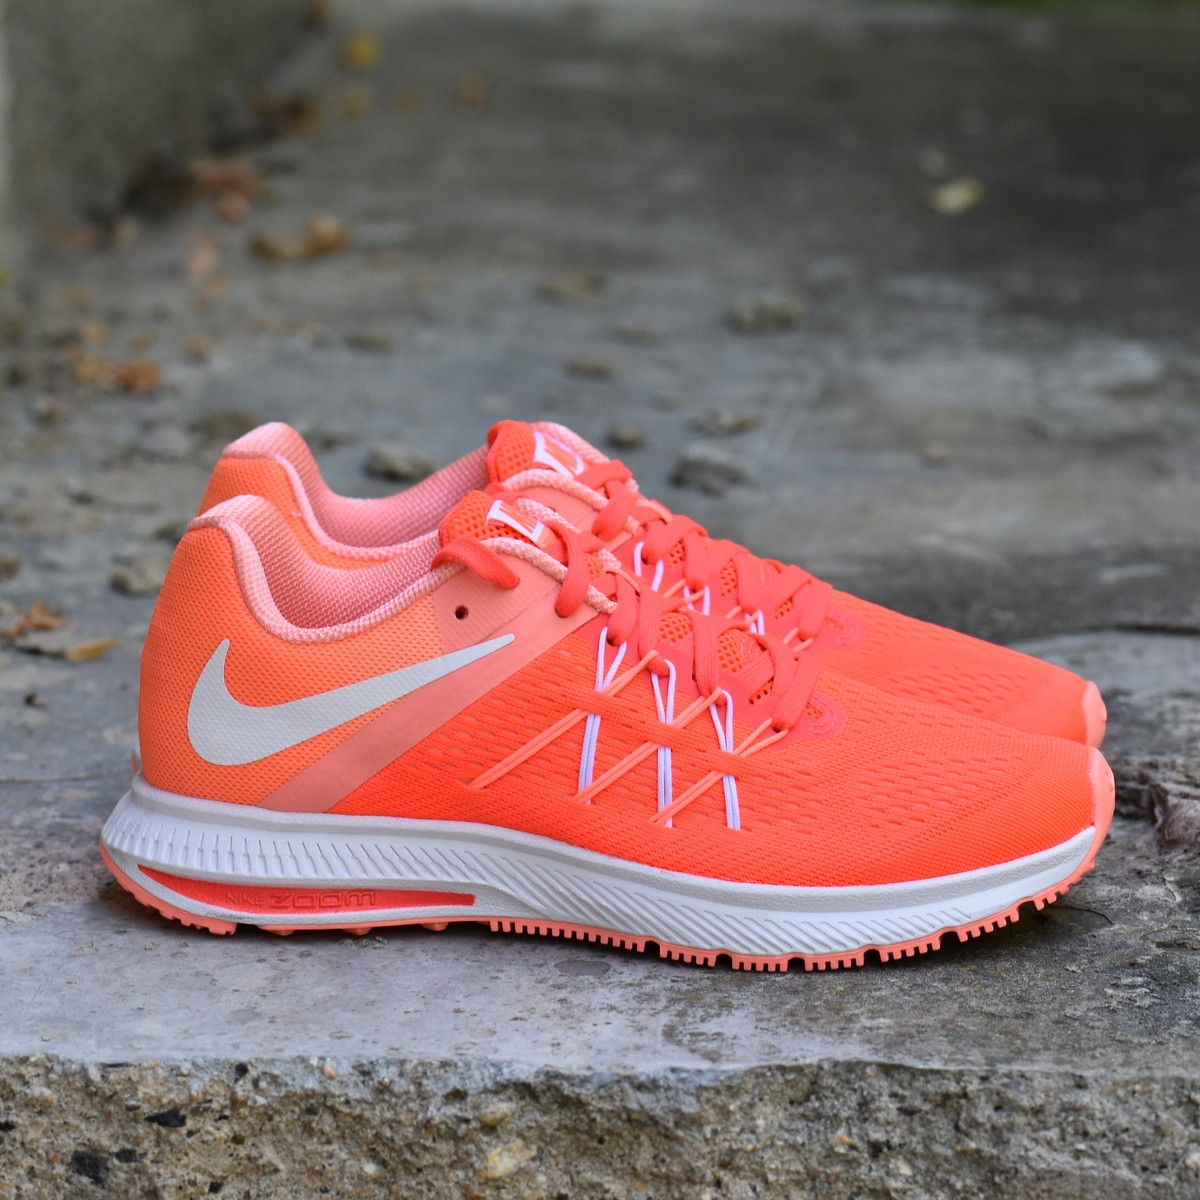 Nike Air Zoom Winflo 3 Running Shoe Dámské boty EU 37.5 831562-601 5f1f9f380c